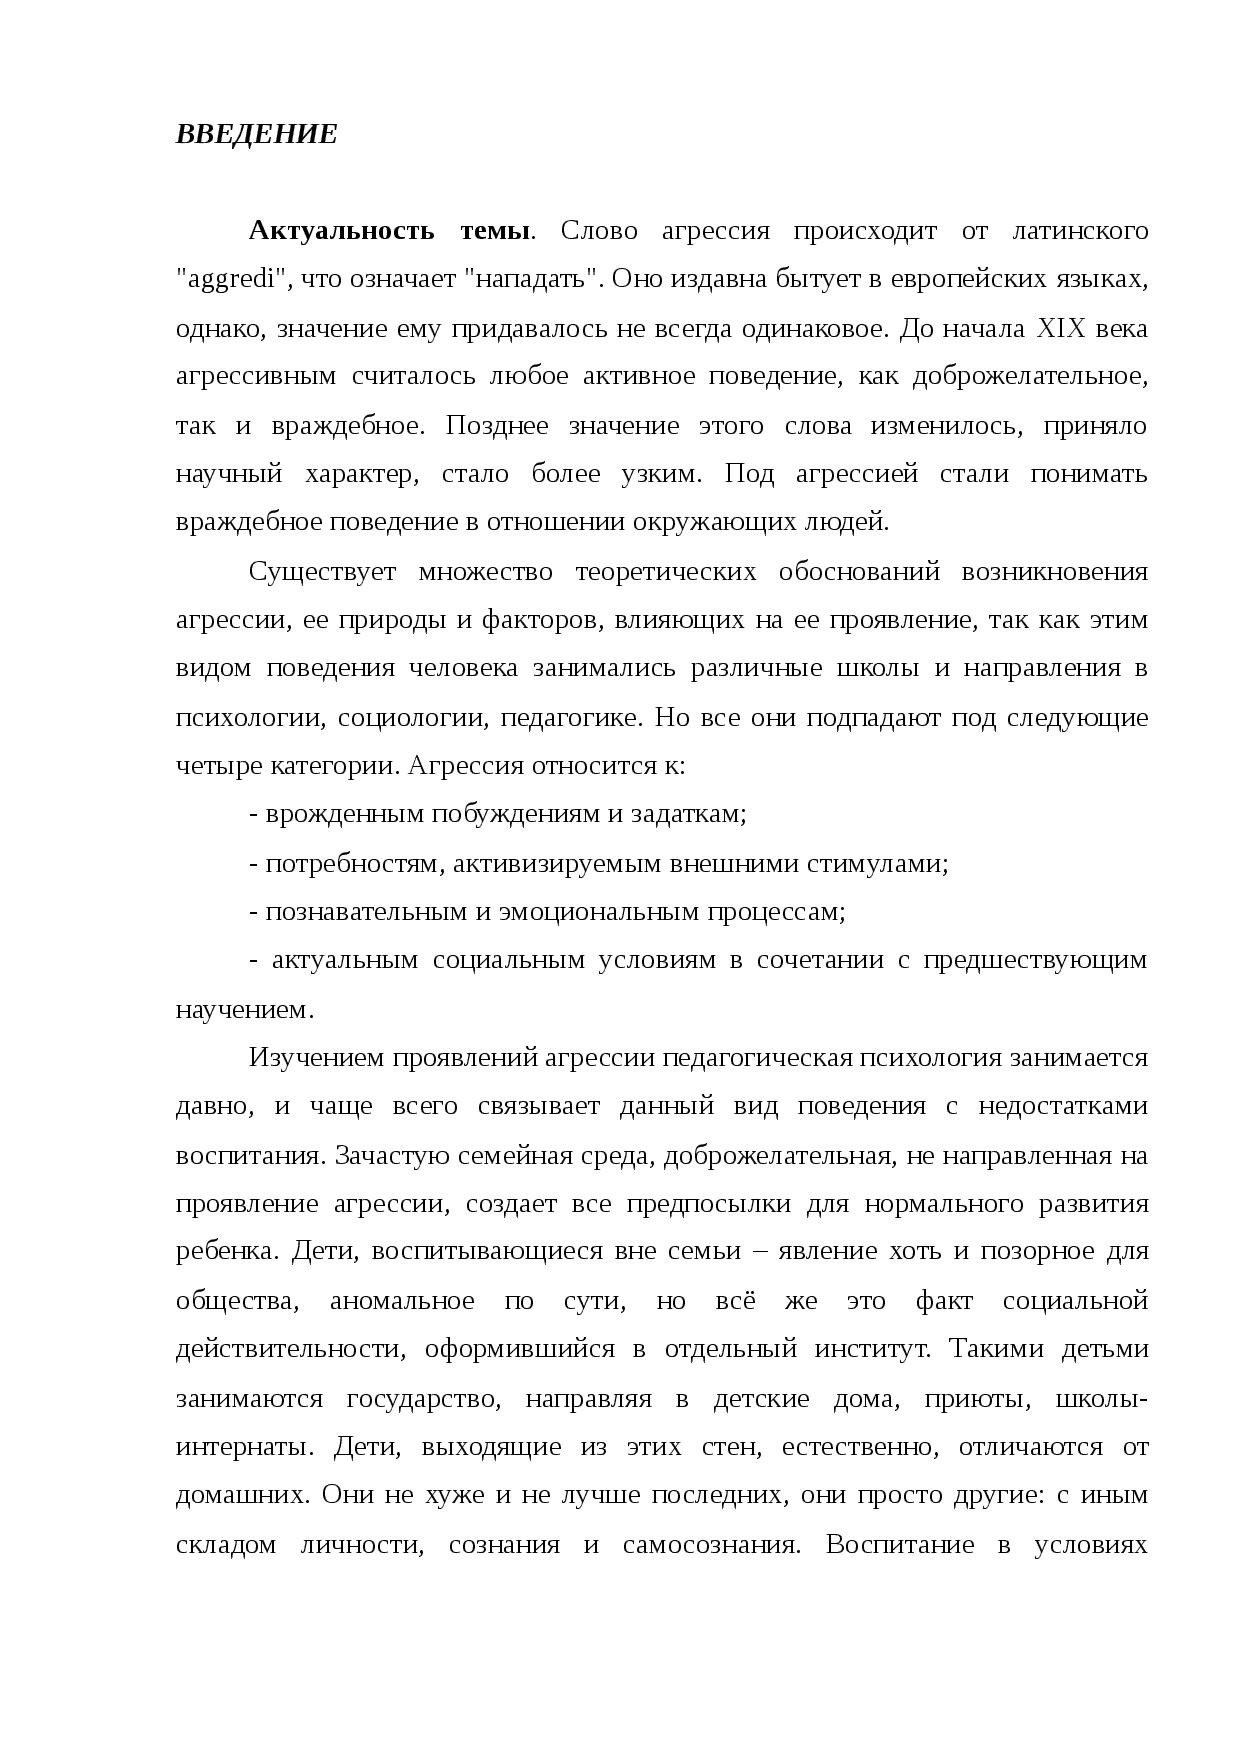 Теории агрессии. методы изучения агрессии